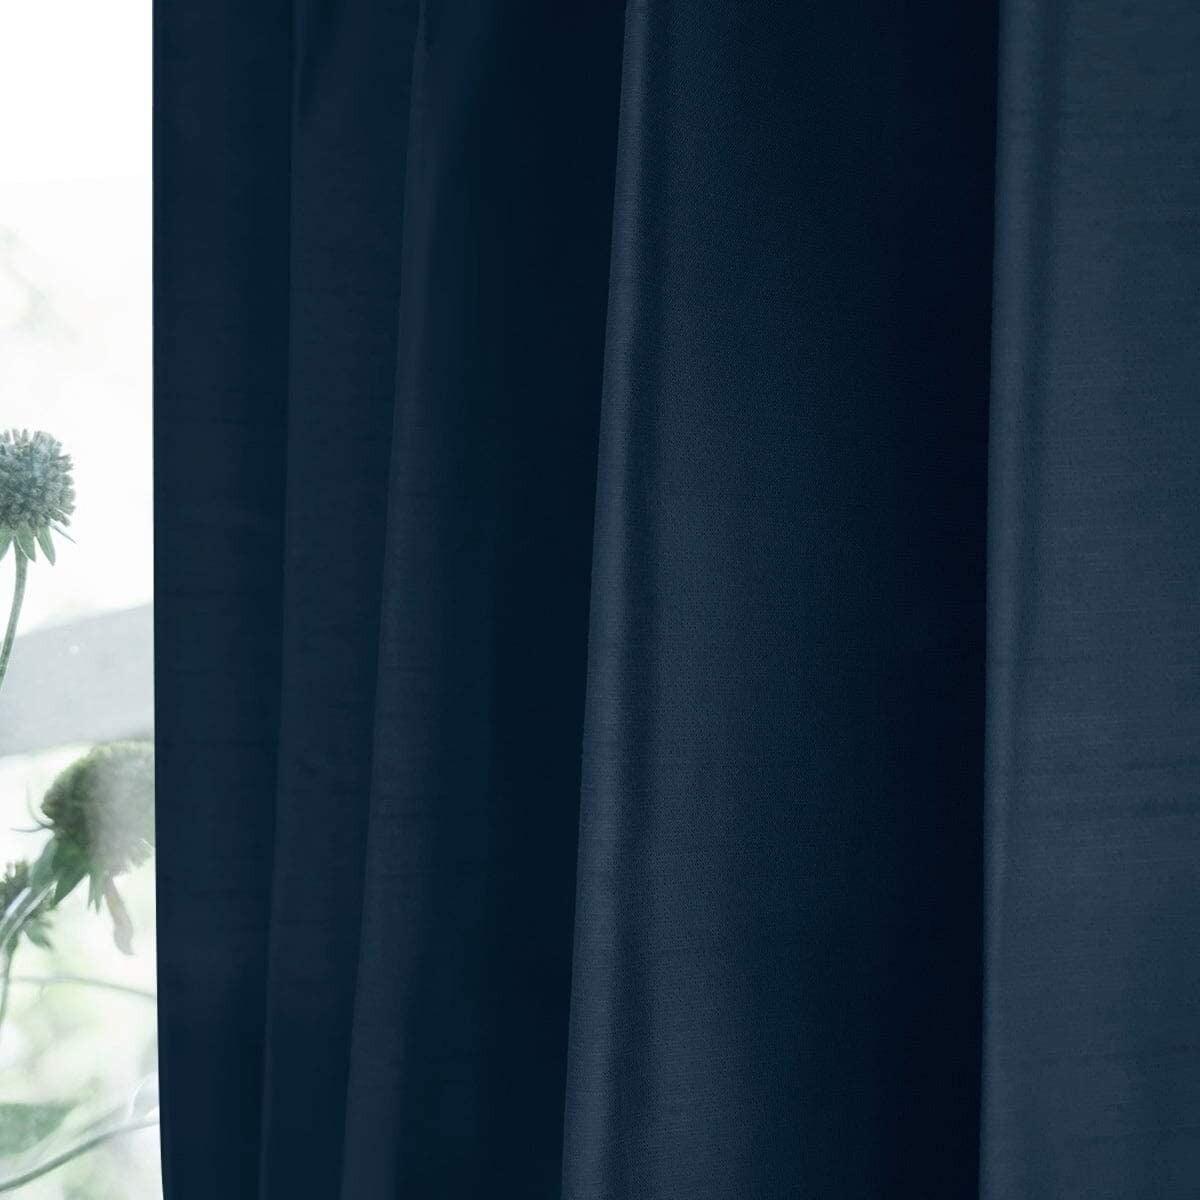 シャイニー/ネイビー 完全遮光 1級遮光 遮熱・断熱 防音 形状記憶加工 ウォッシャブル カーテン 2枚入 / Aフック サイズ(幅×丈):100×200cm kso-027-100-200